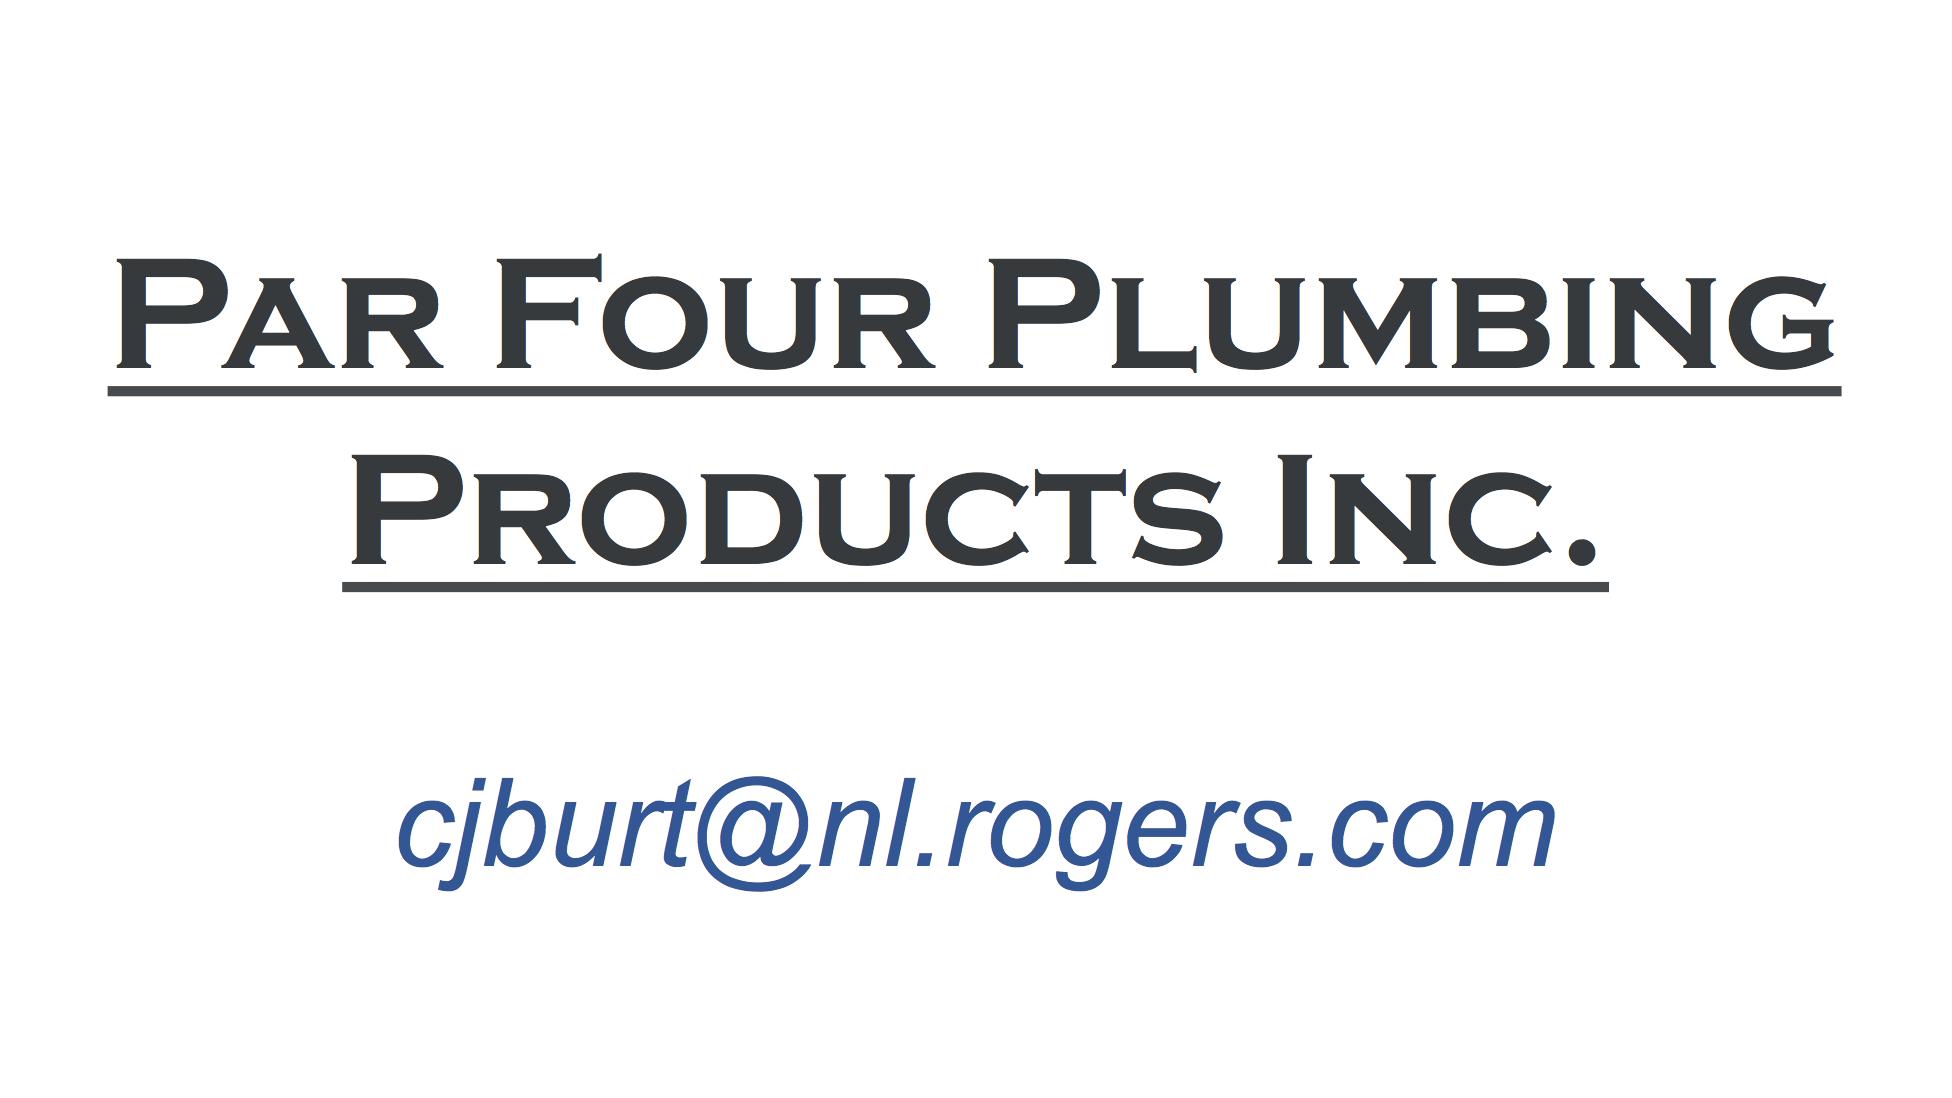 Par Four Plumbing Products